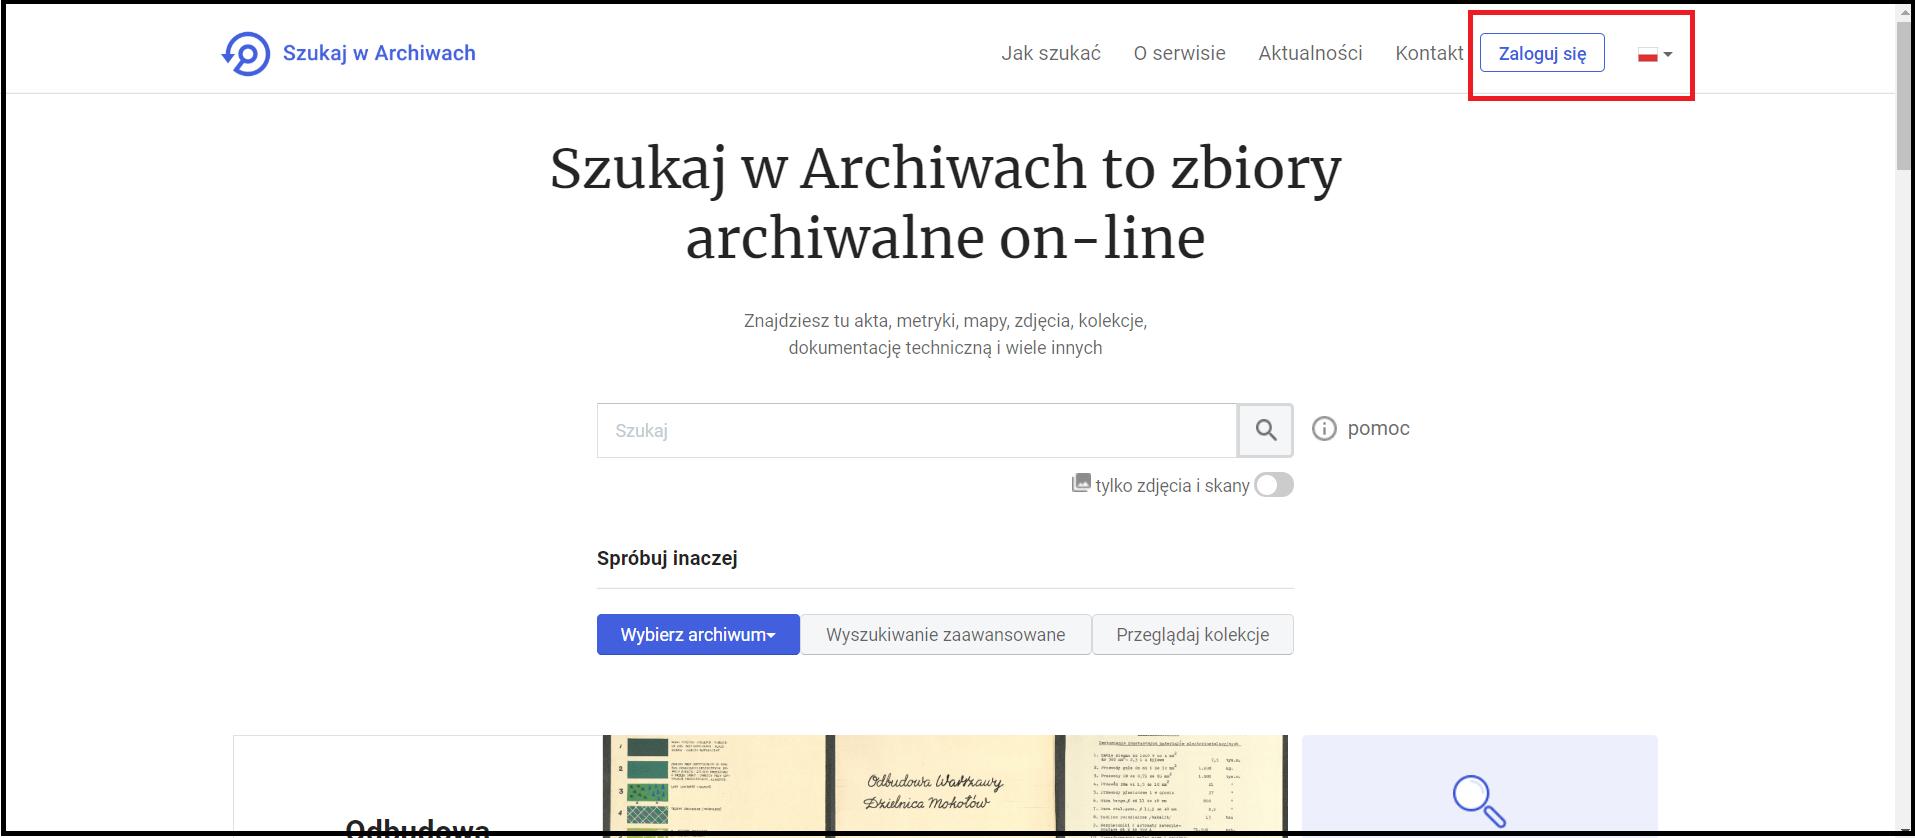 SzwA home page